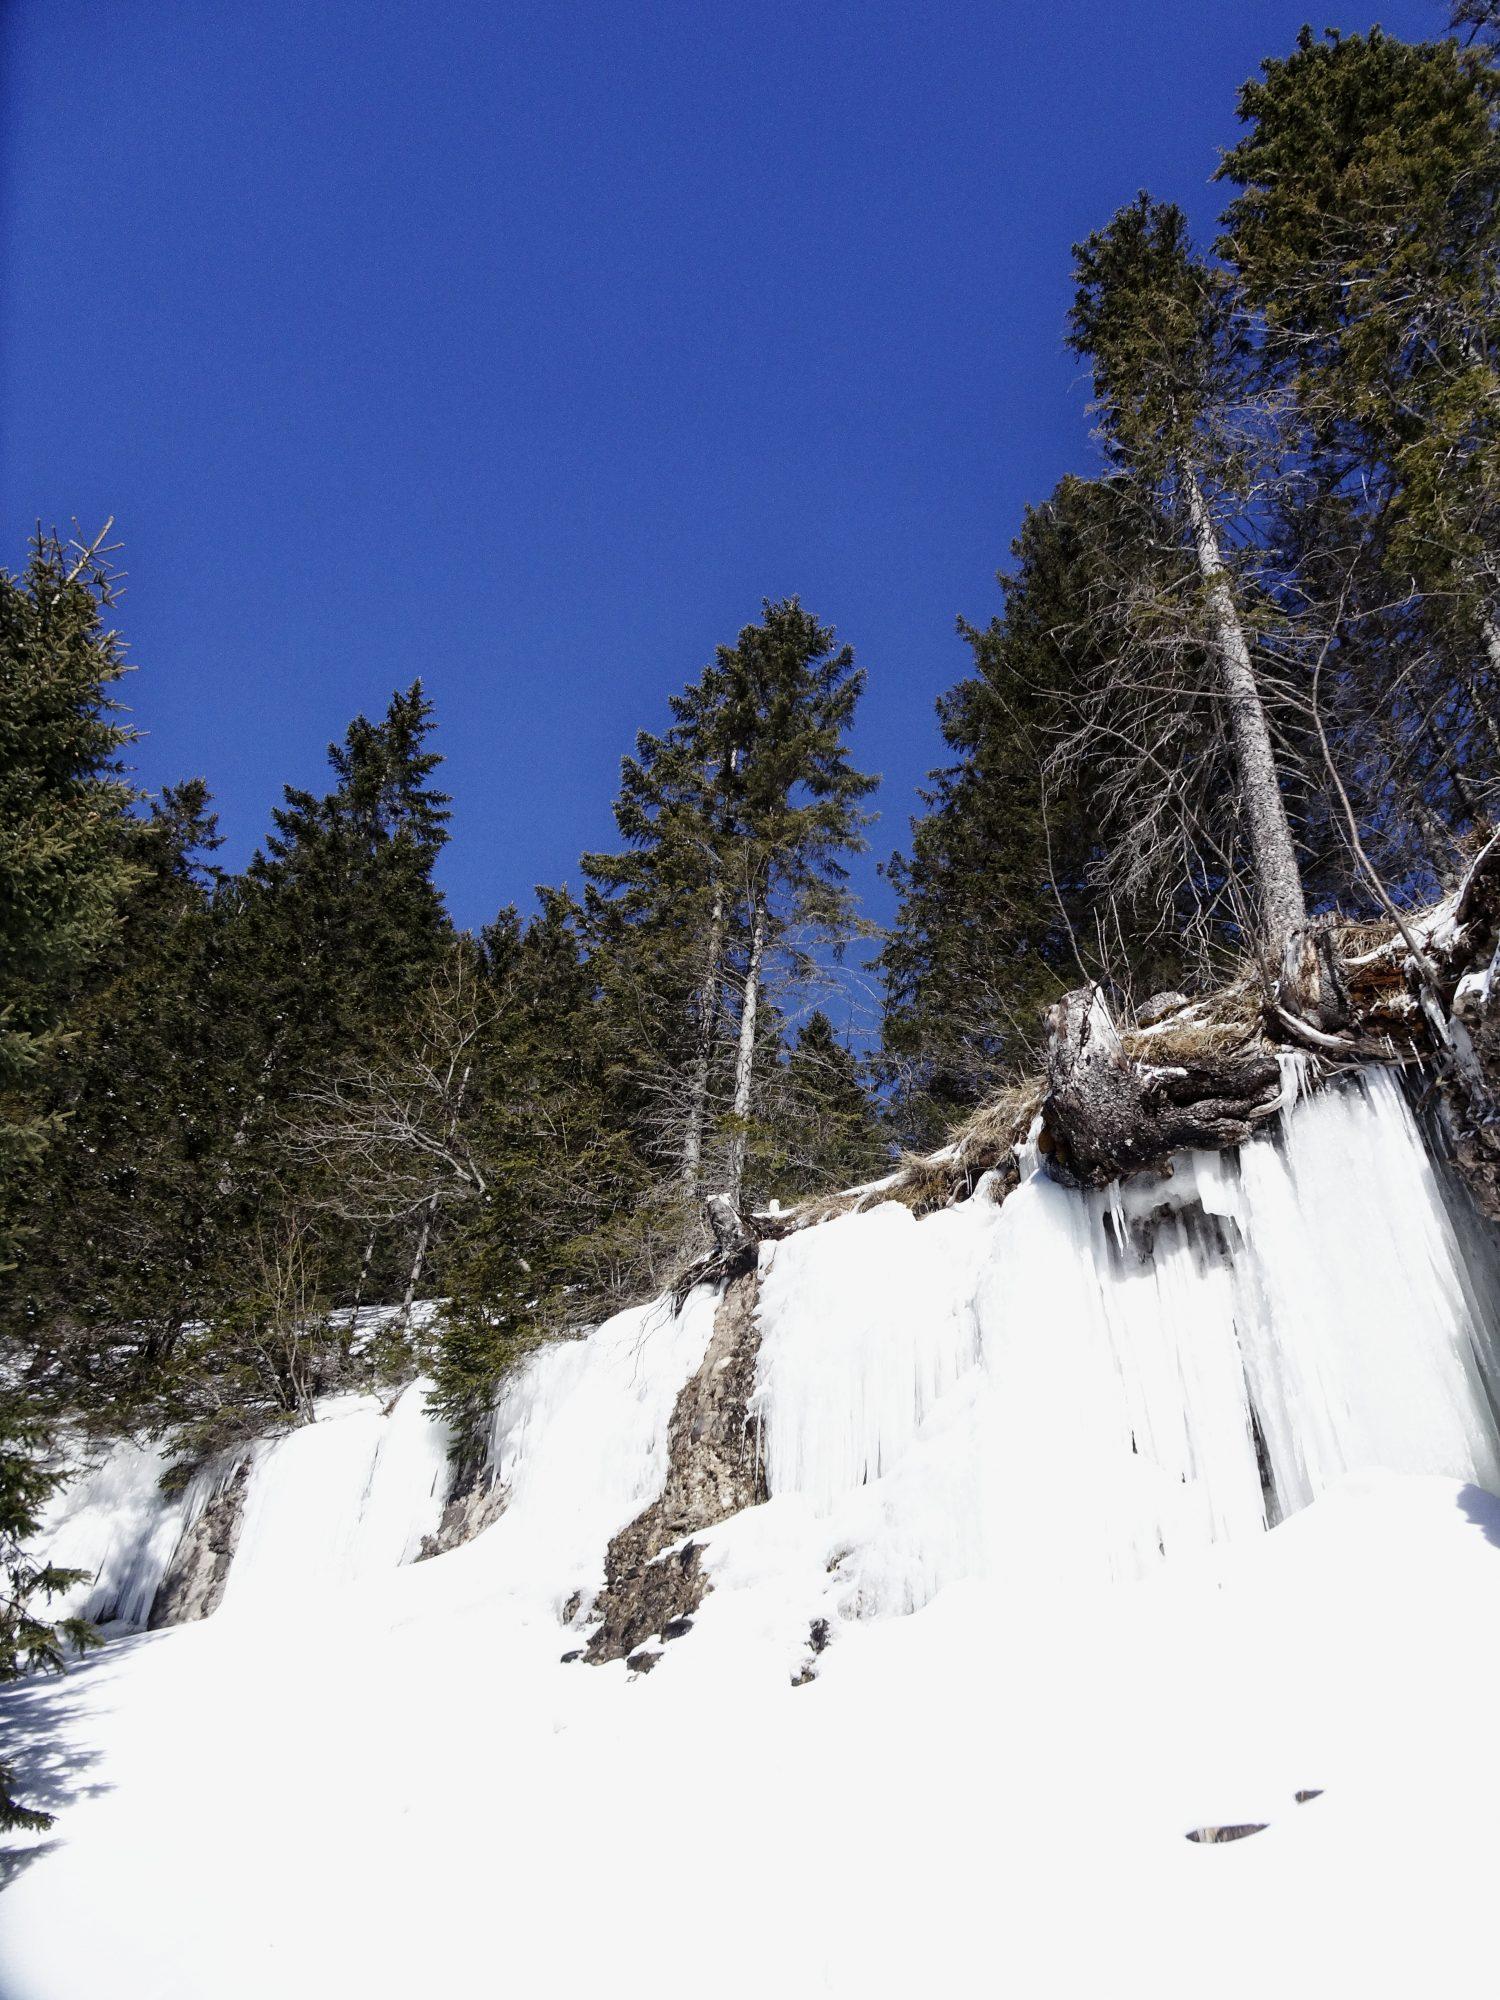 Schweiz, Luzern, Zürich, Rigi, Winterwanderung, Eis, gefrorener Wasserfall